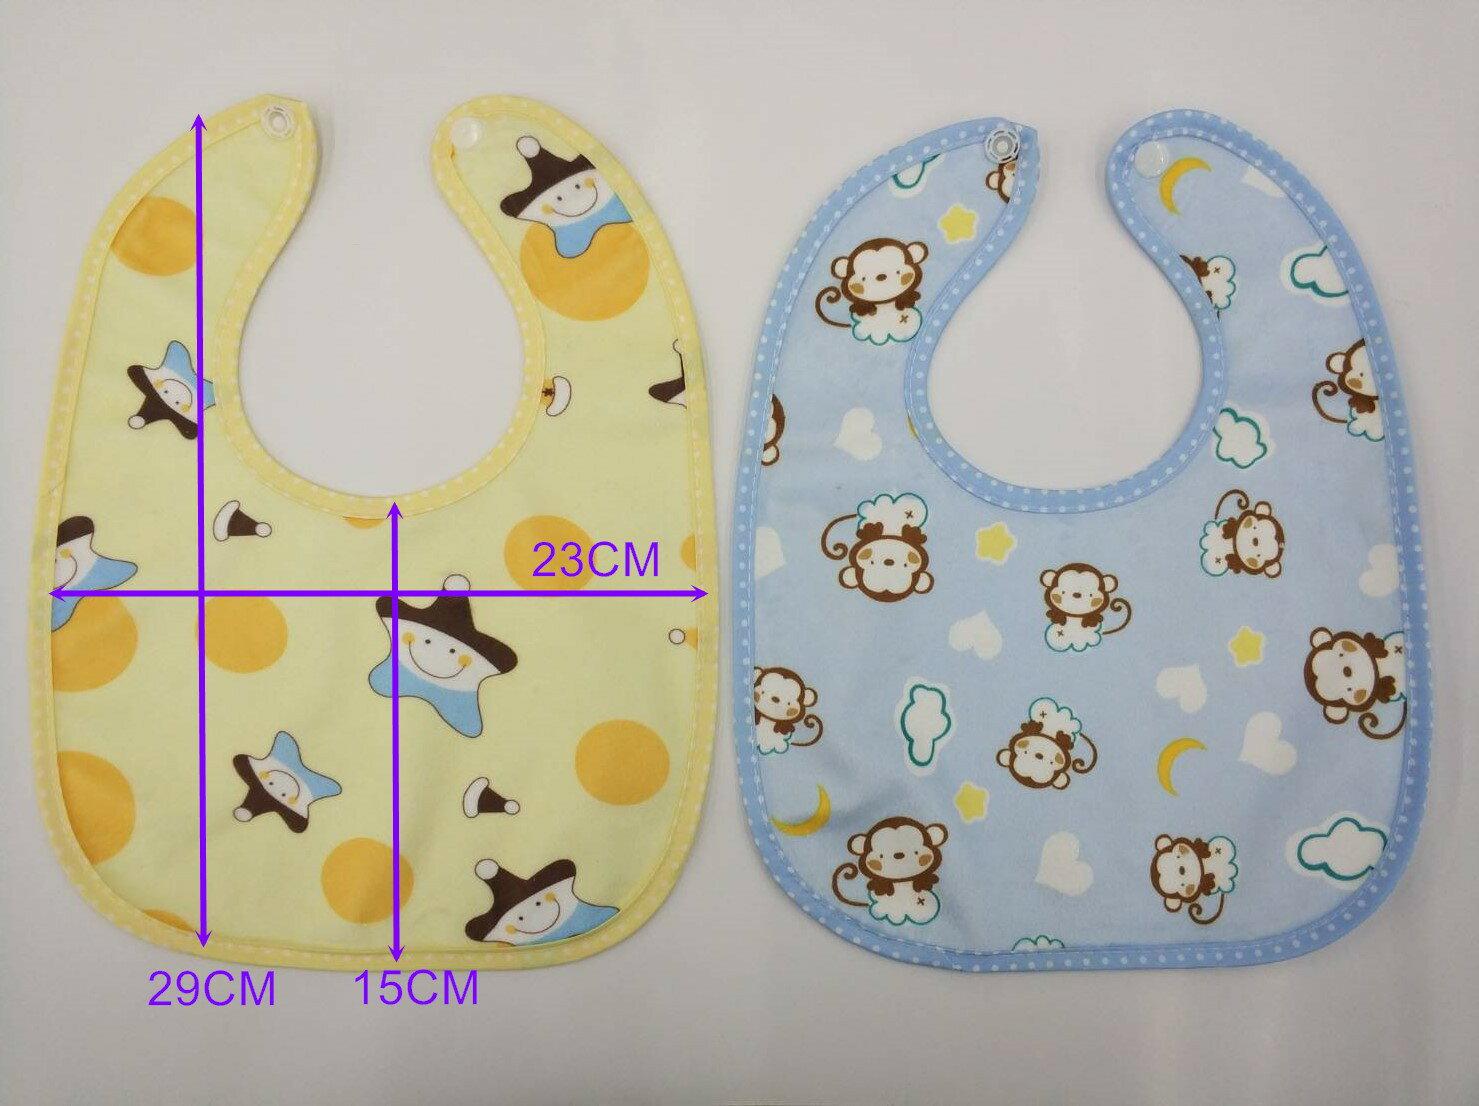 嬰兒圍兜 口水巾 純棉防水設計 可挑顏色 圖案隨機出貨 按扣式純棉口水巾 買越多越便宜 布料超好 便宜又實用